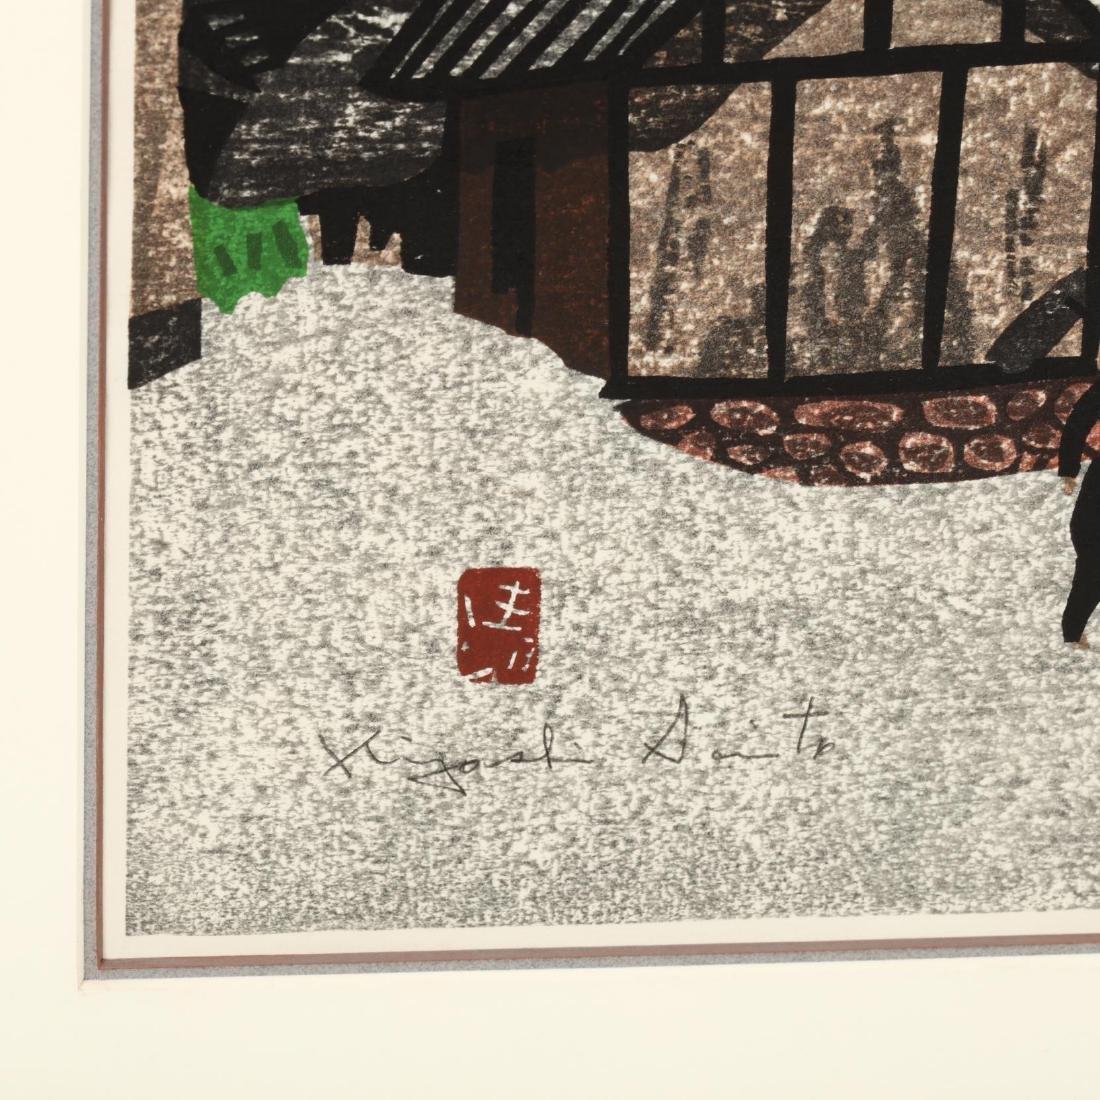 Two Japanese Woodblock Prints by Kiyoshi Saito - 5